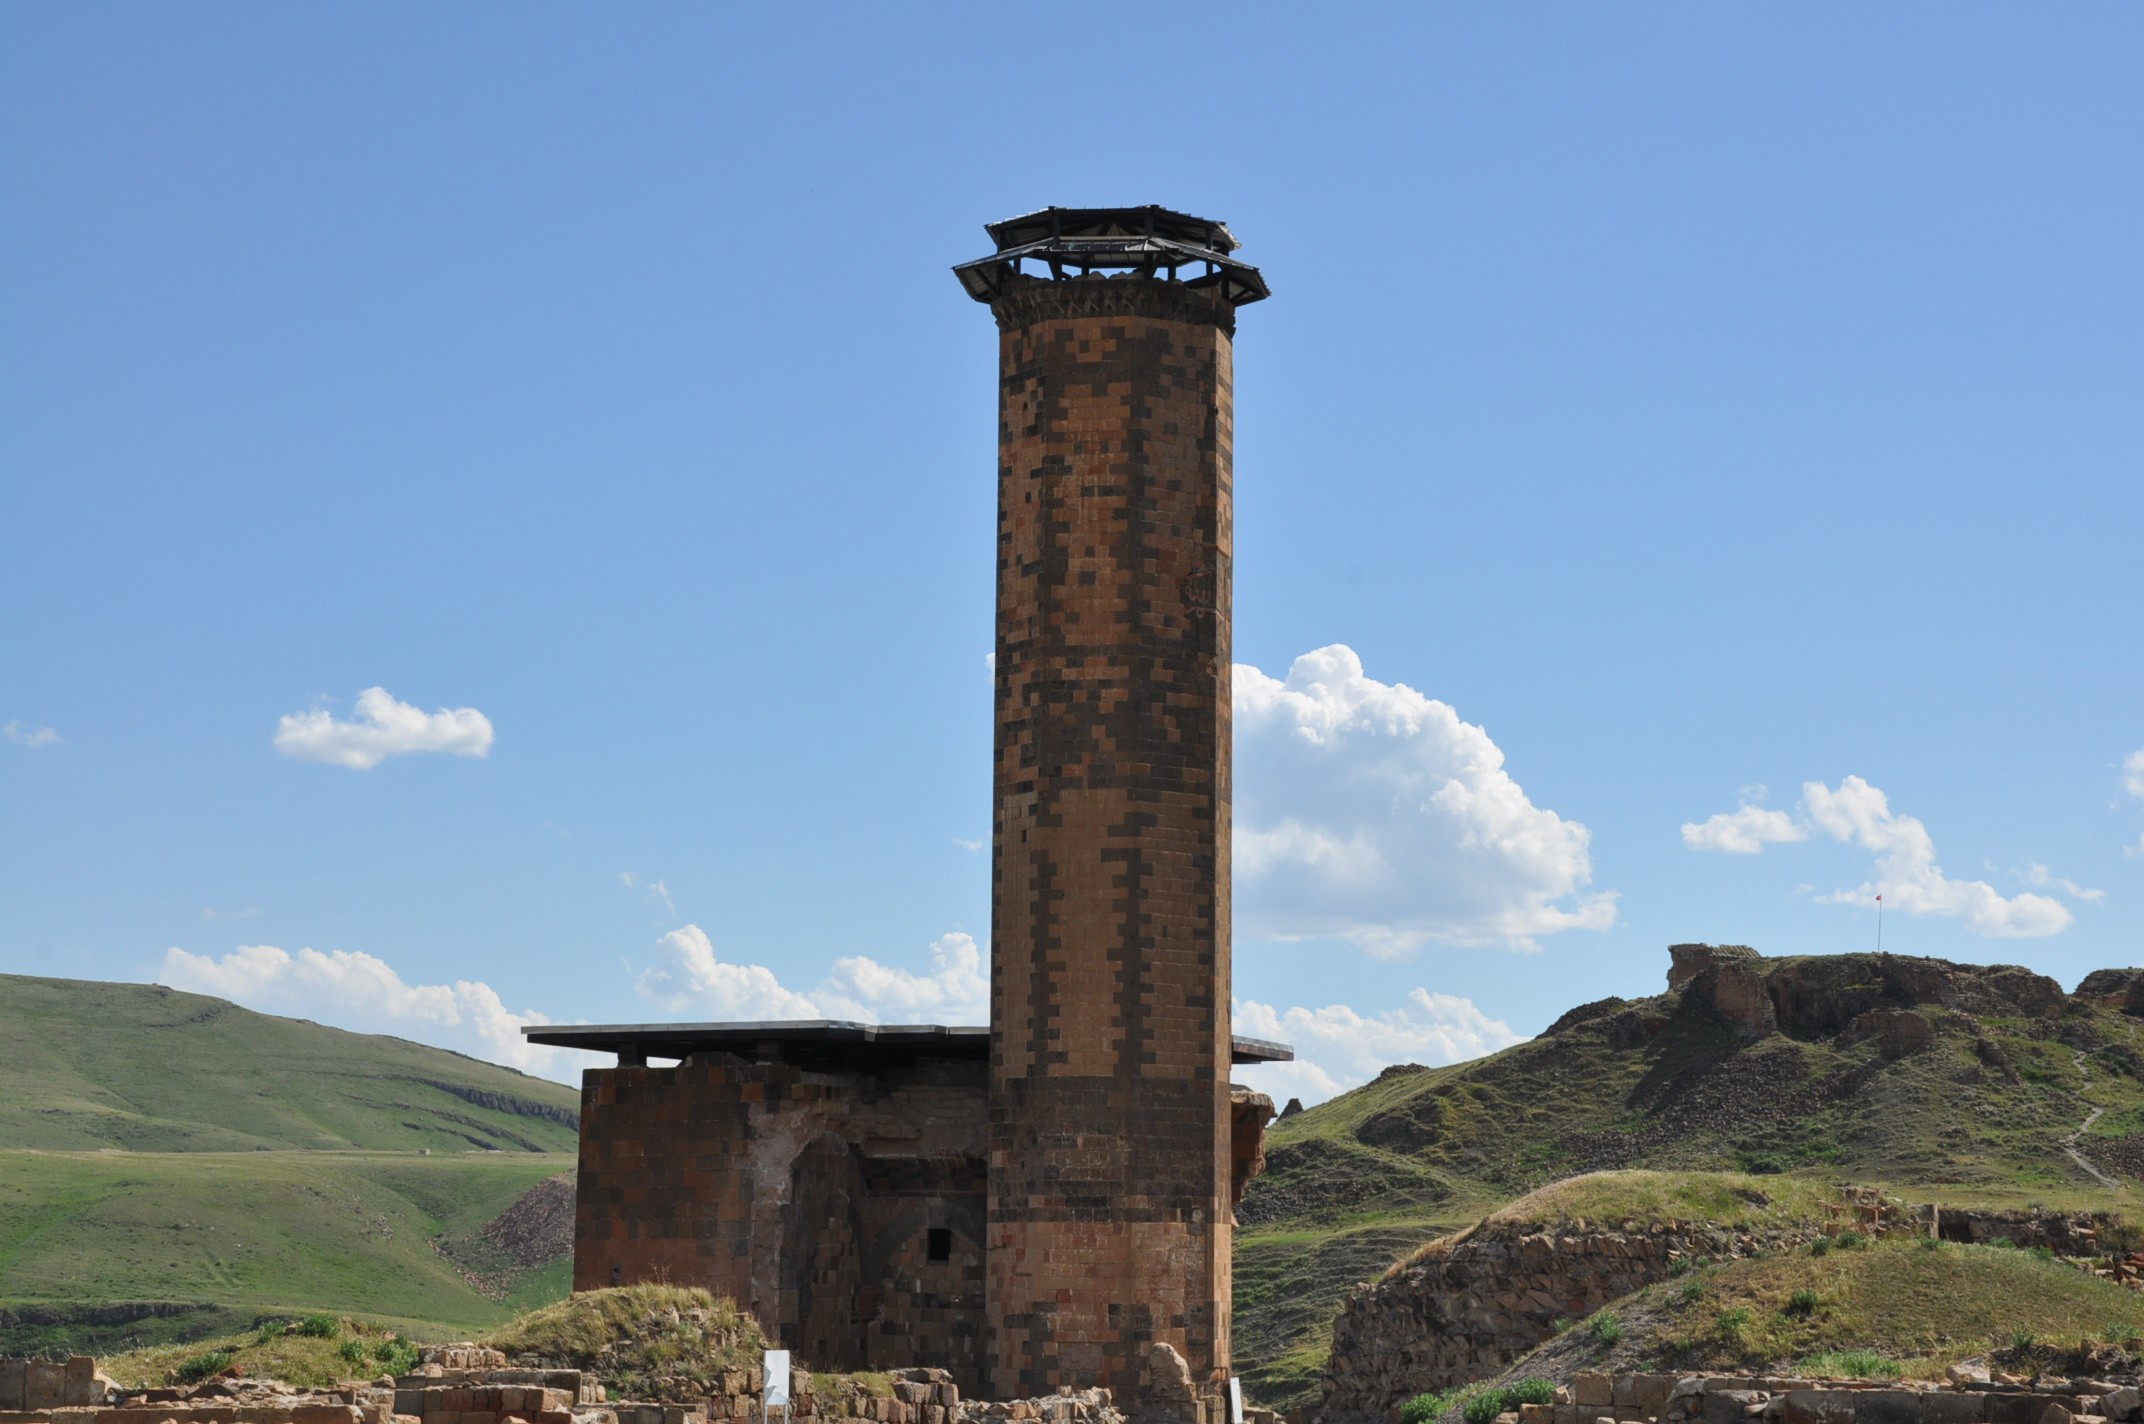 anadolu'daki-ilk-turk-camisi-ebul-menucehr-(3).jpg